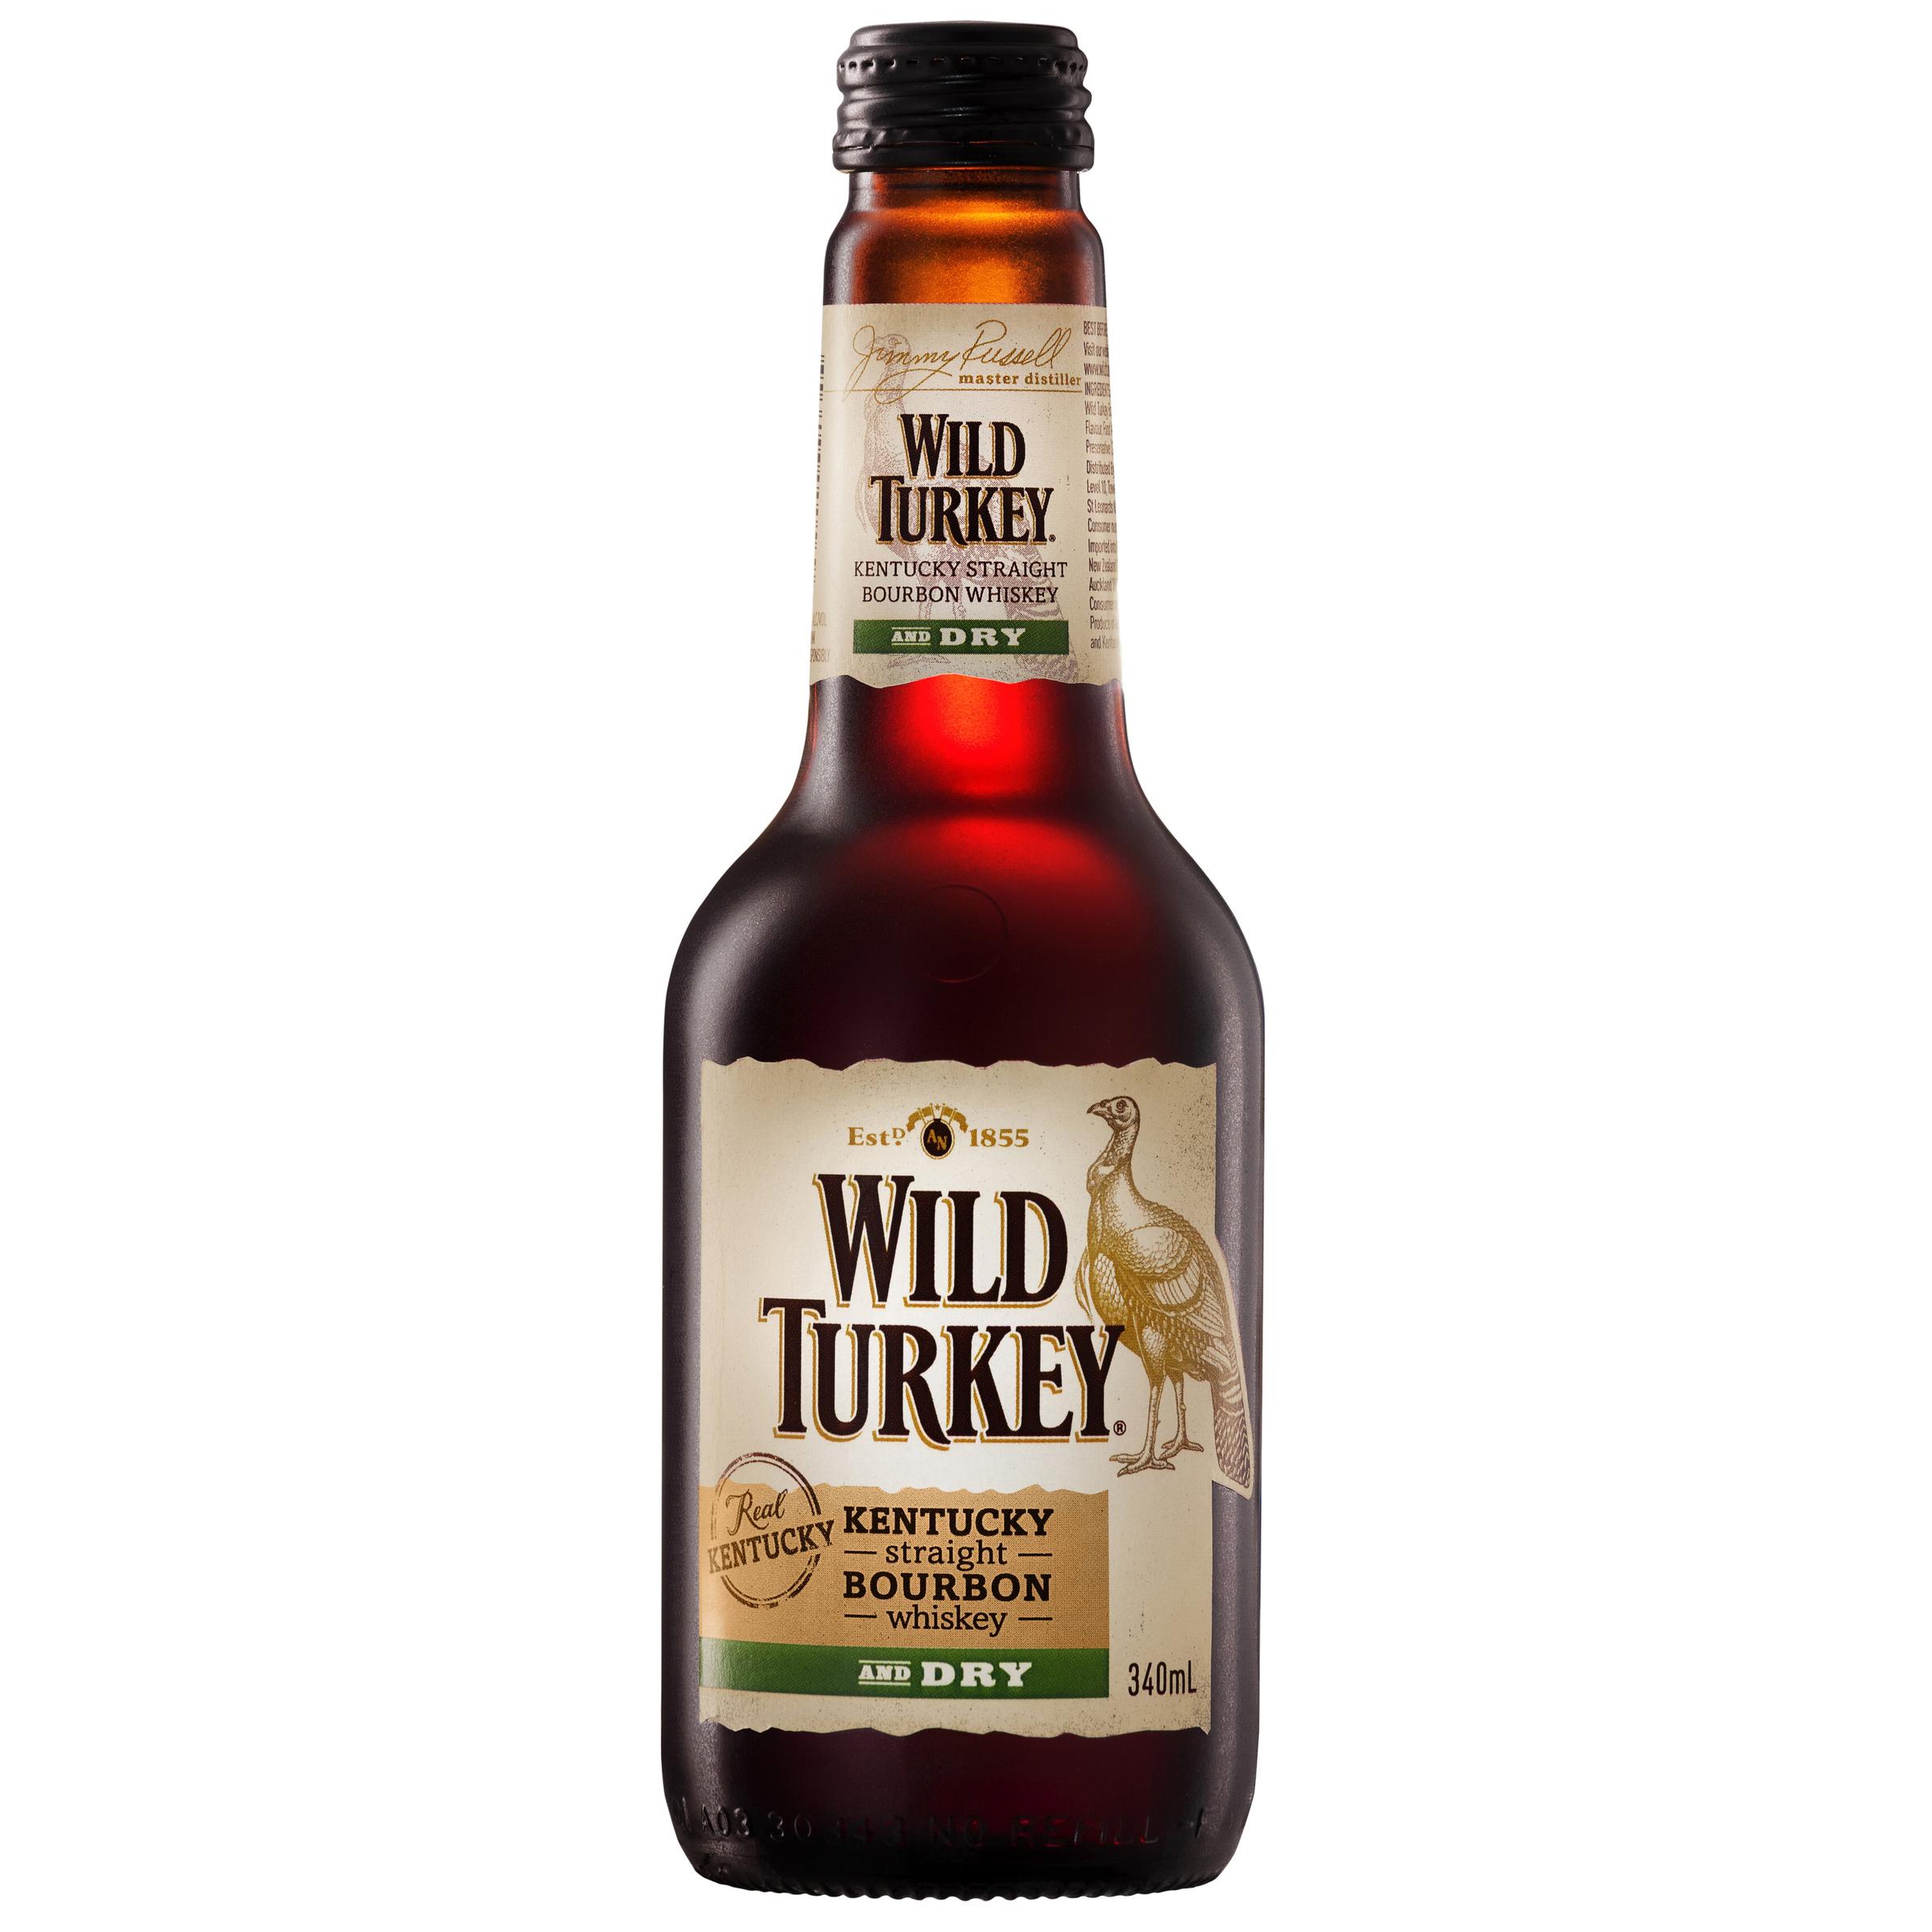 WILD TURKEY & DRY BOTTLE